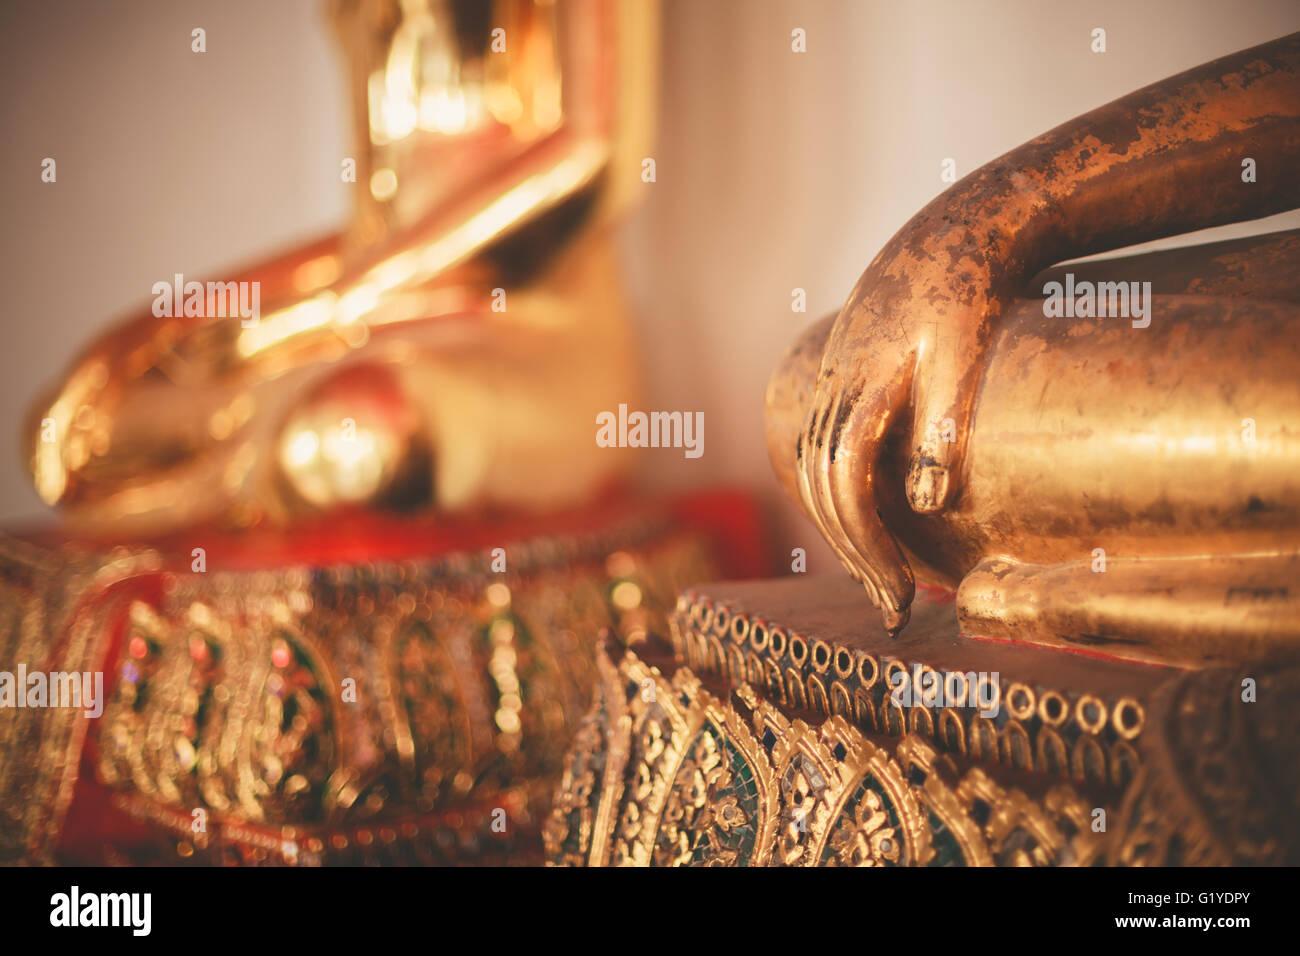 Buddha statues at Wat Pho Thailand - Stock Image